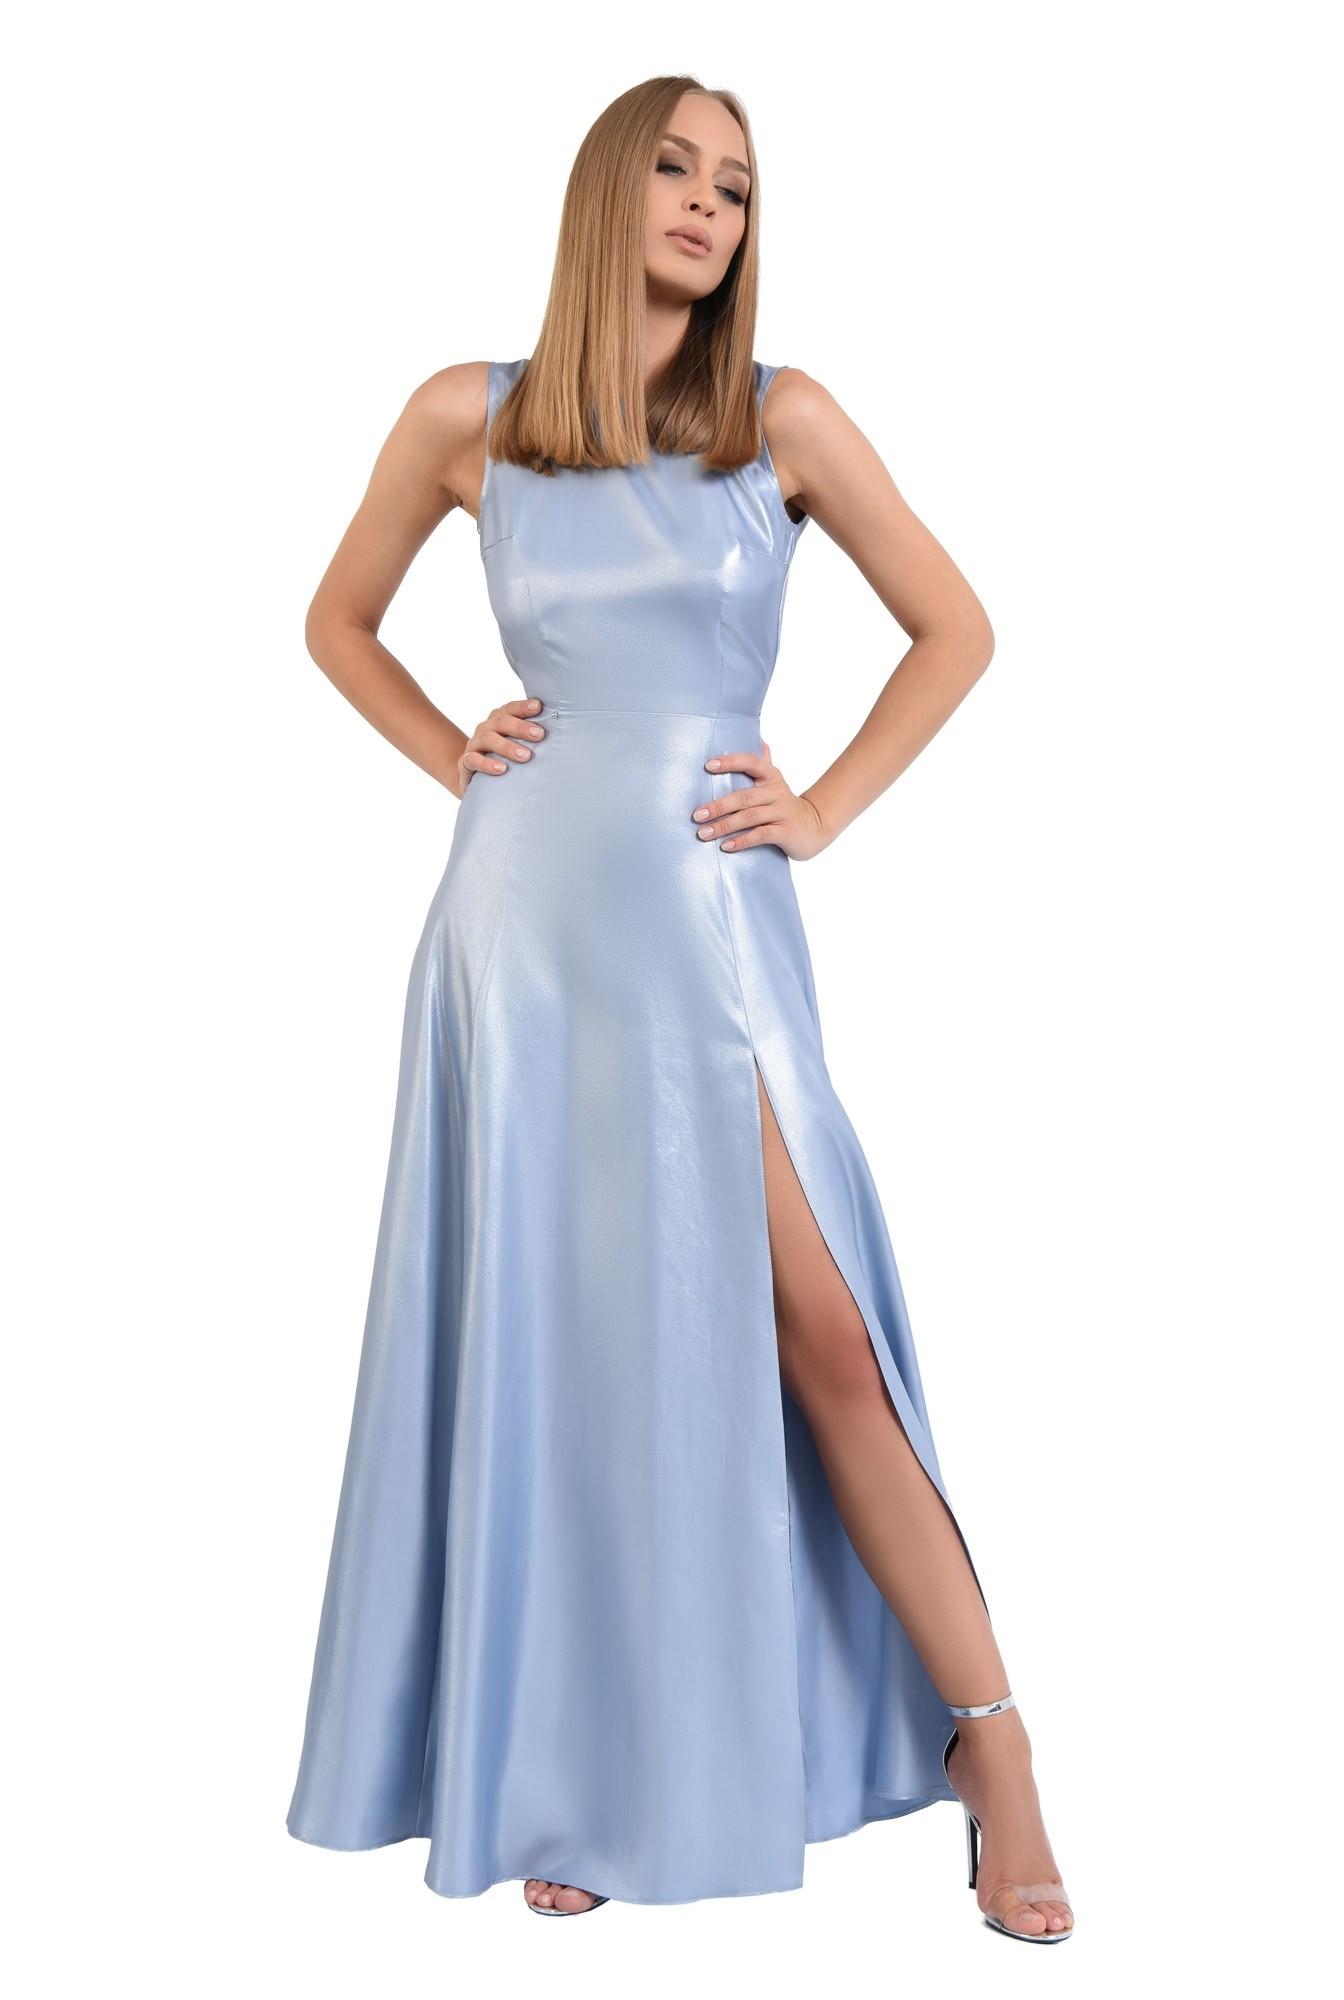 0 - rochie de seara, maxi, aspect metalic